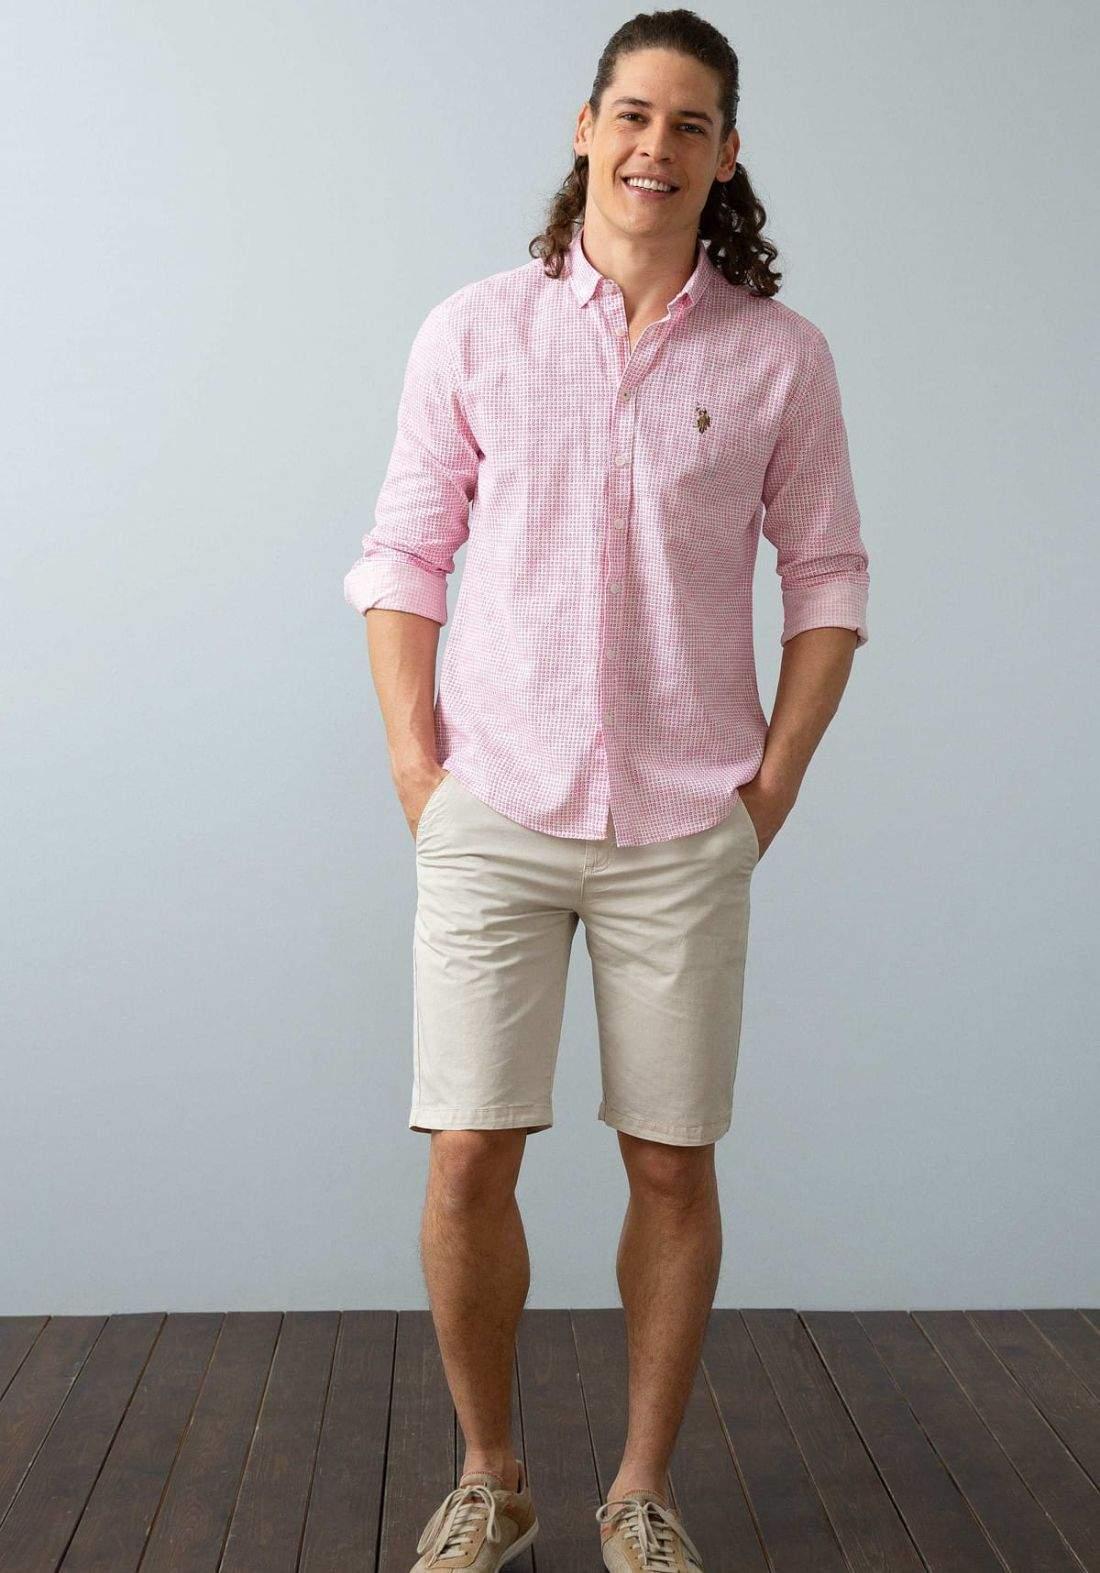 Shirt U.S. Polo. Assn Regular